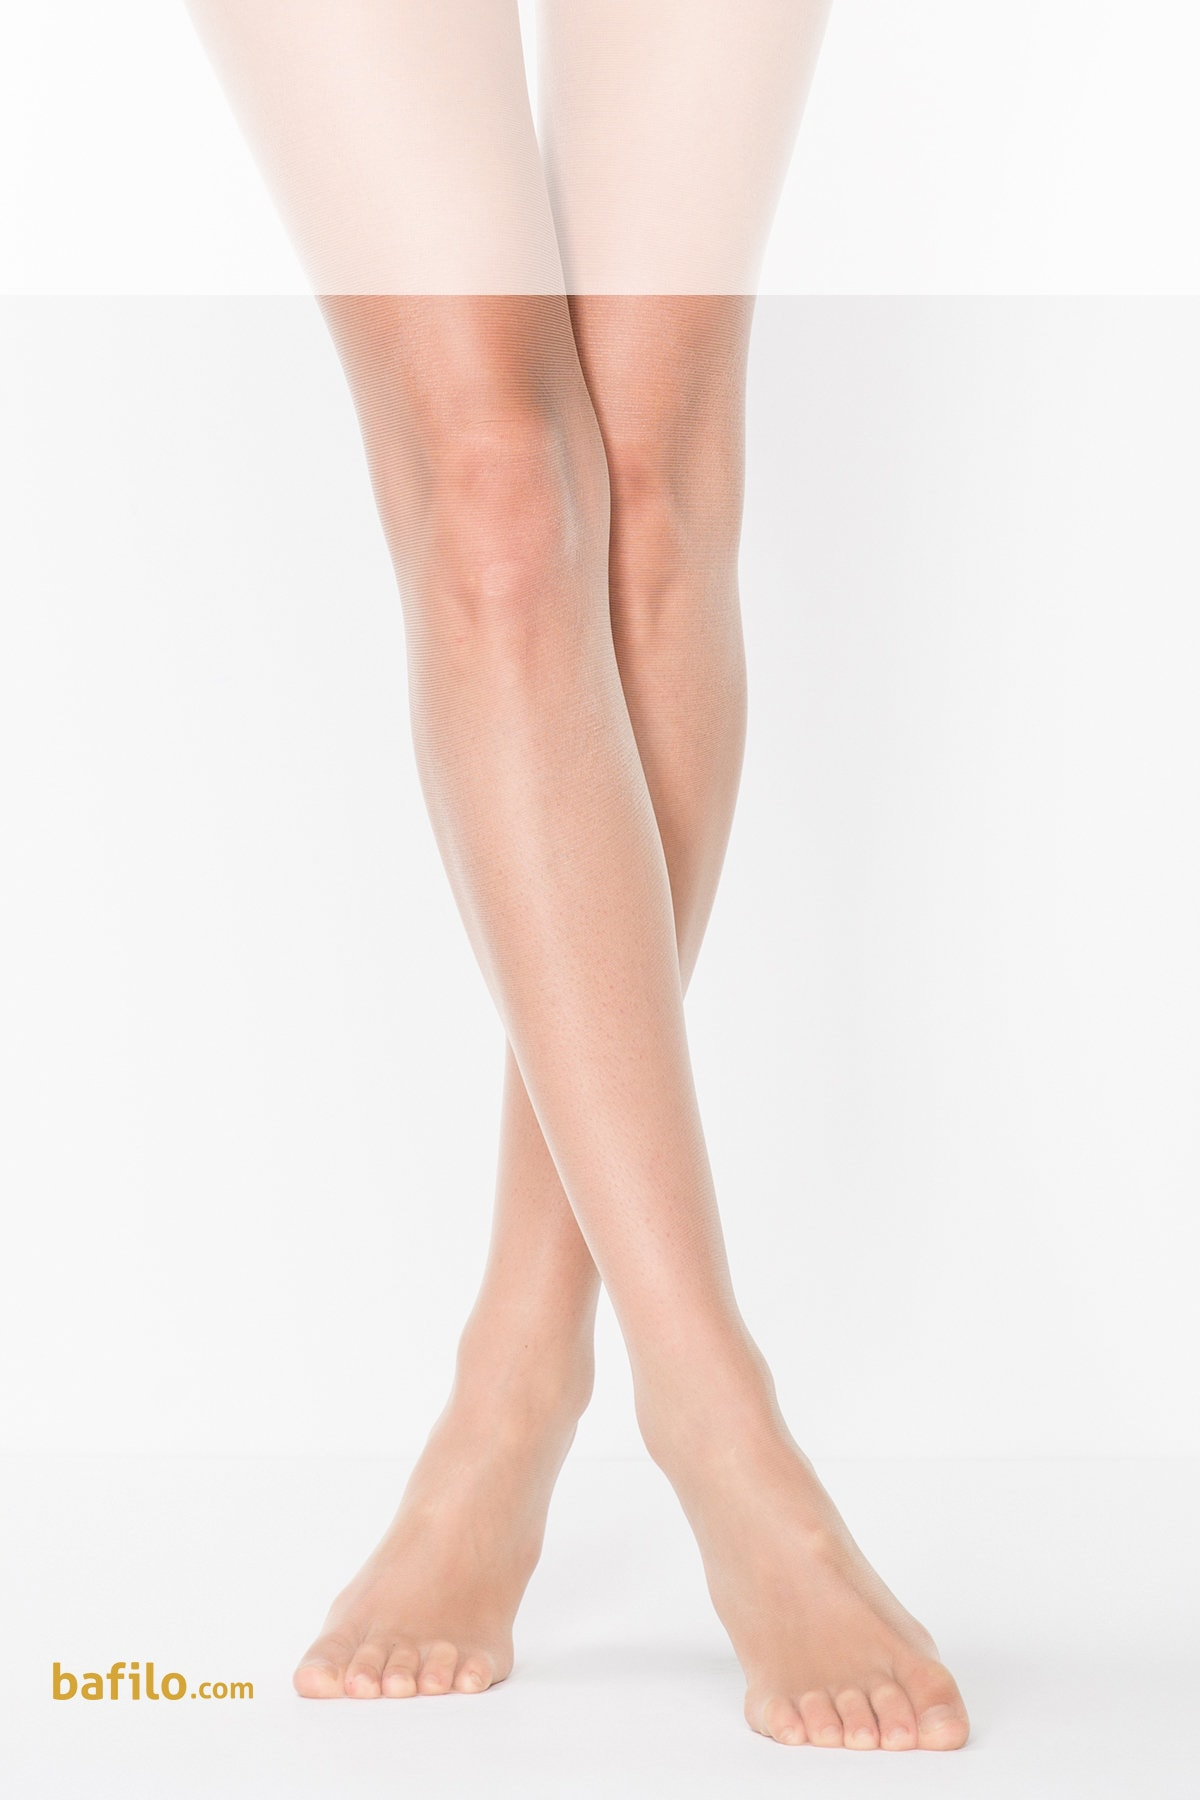 پنتی | Penti - جوراب شلواری گن دار زنانه پنتی Body Control رنگ بدن روشن